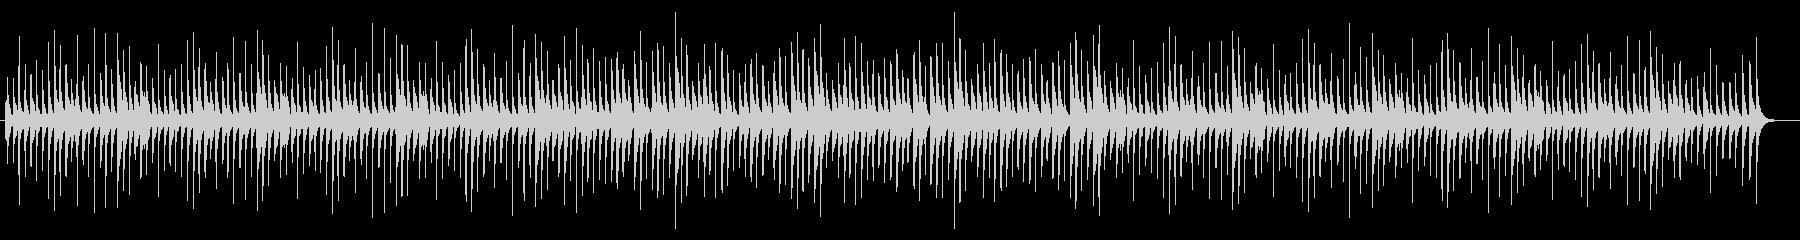 切ないオルゴールサウンドの未再生の波形